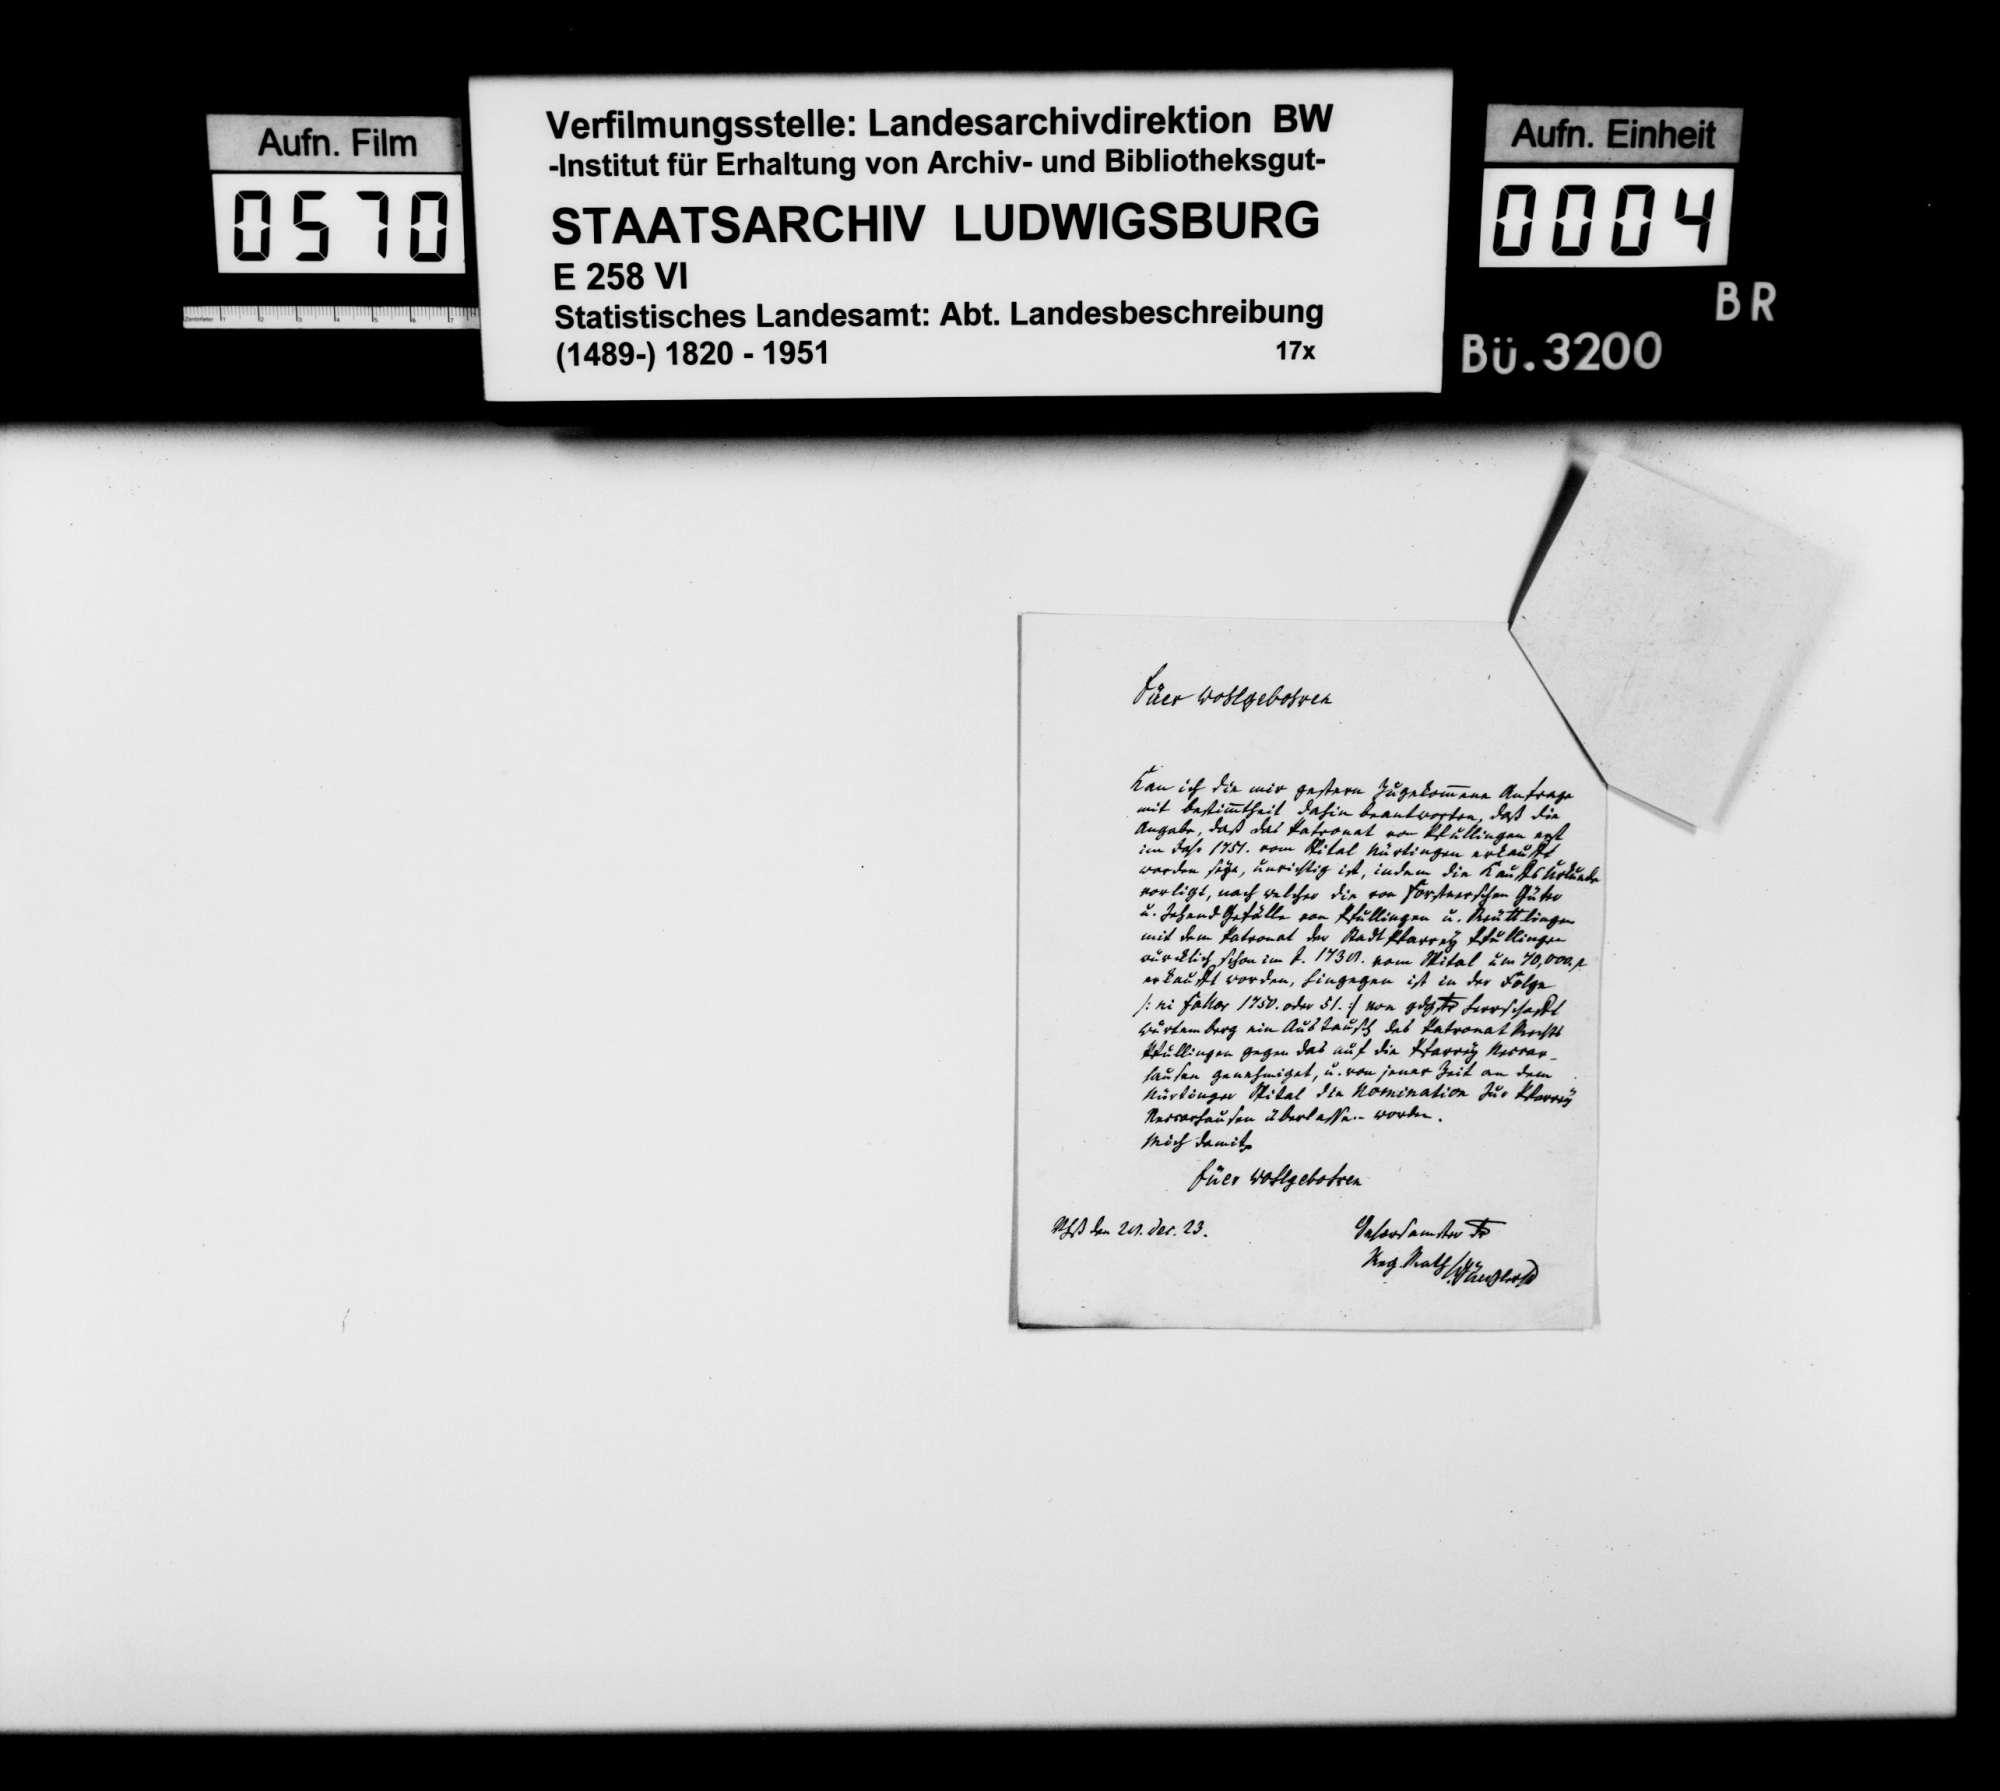 Korrespondenz zur Klärung offener Fragen der OAB, Bild 2